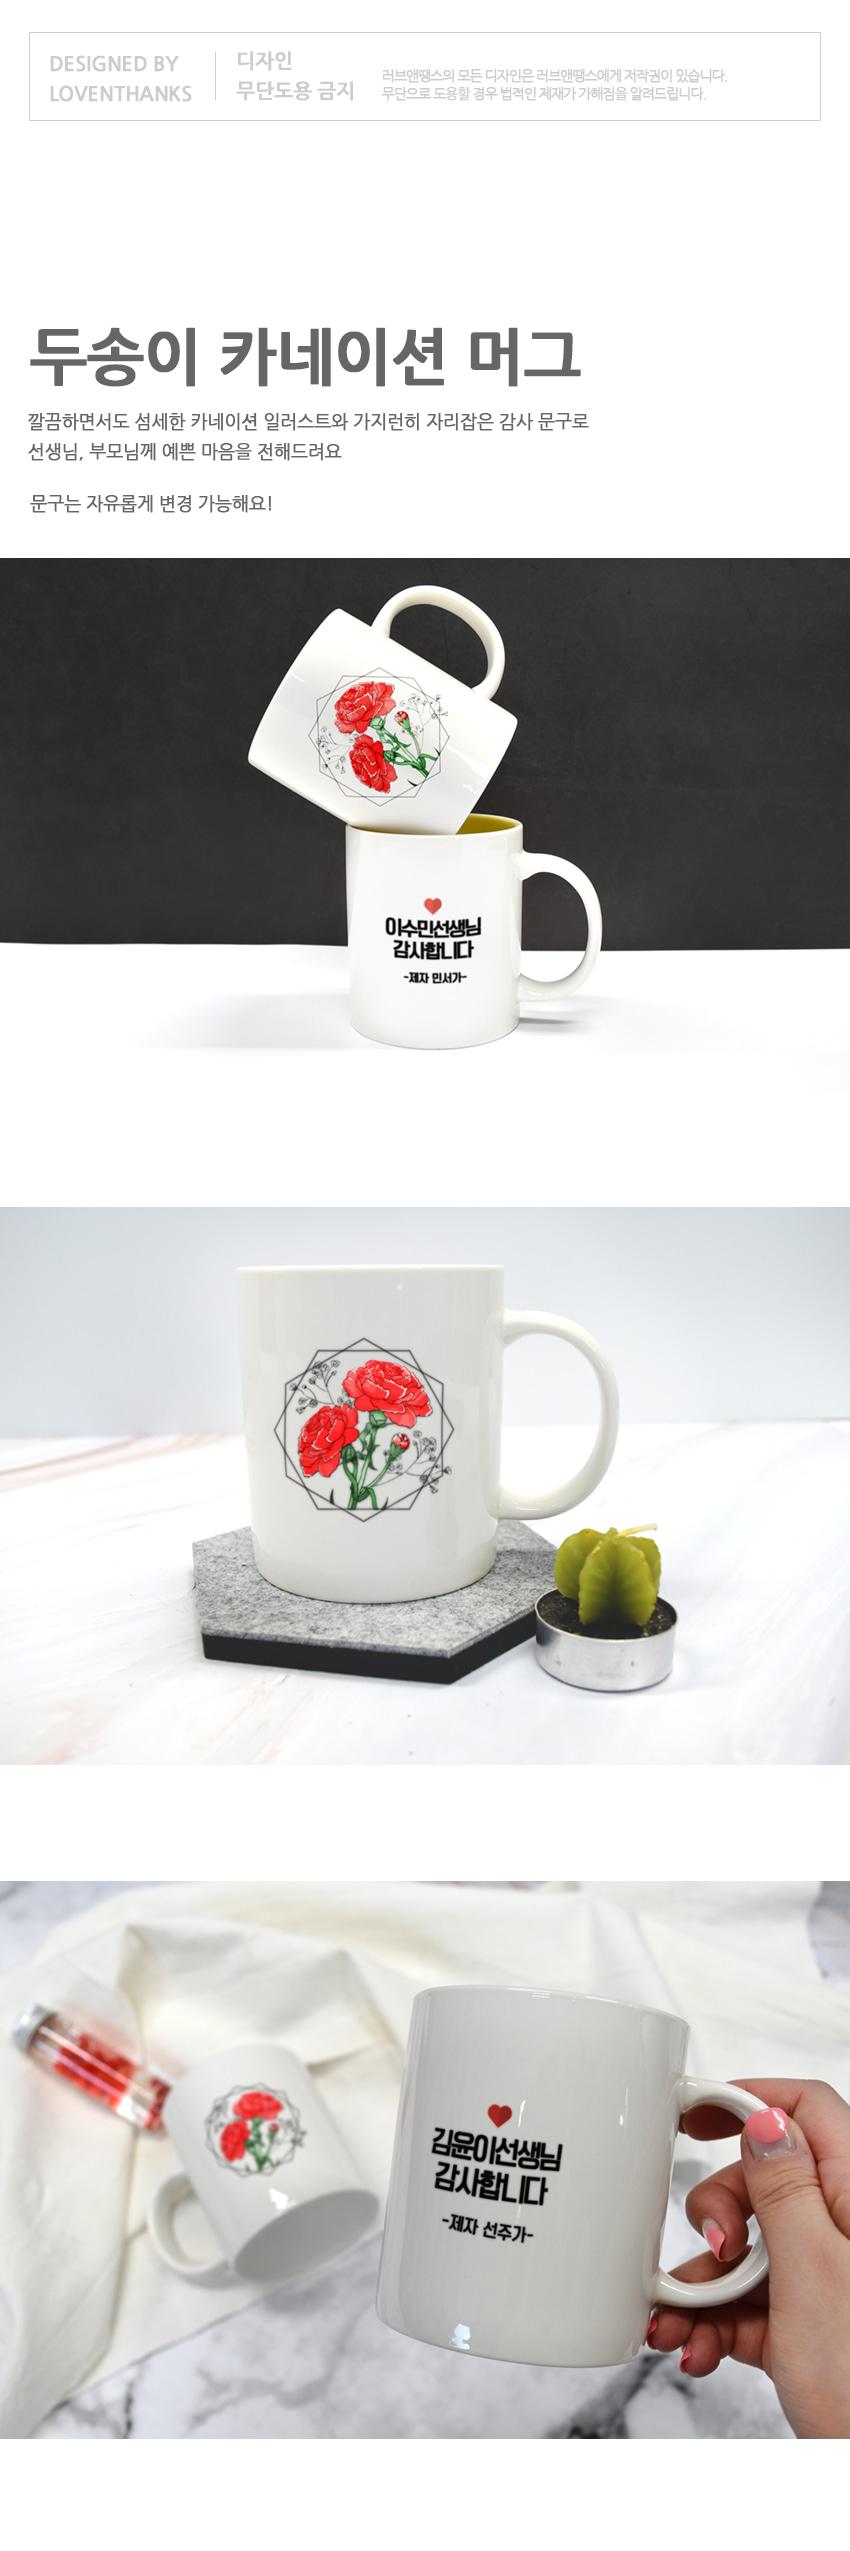 -두송이 카네이션 머그컵- 어버이날선물 스승의날선물 추천 - 러브앤땡스, 12,000원, 머그컵, 주문제작머그